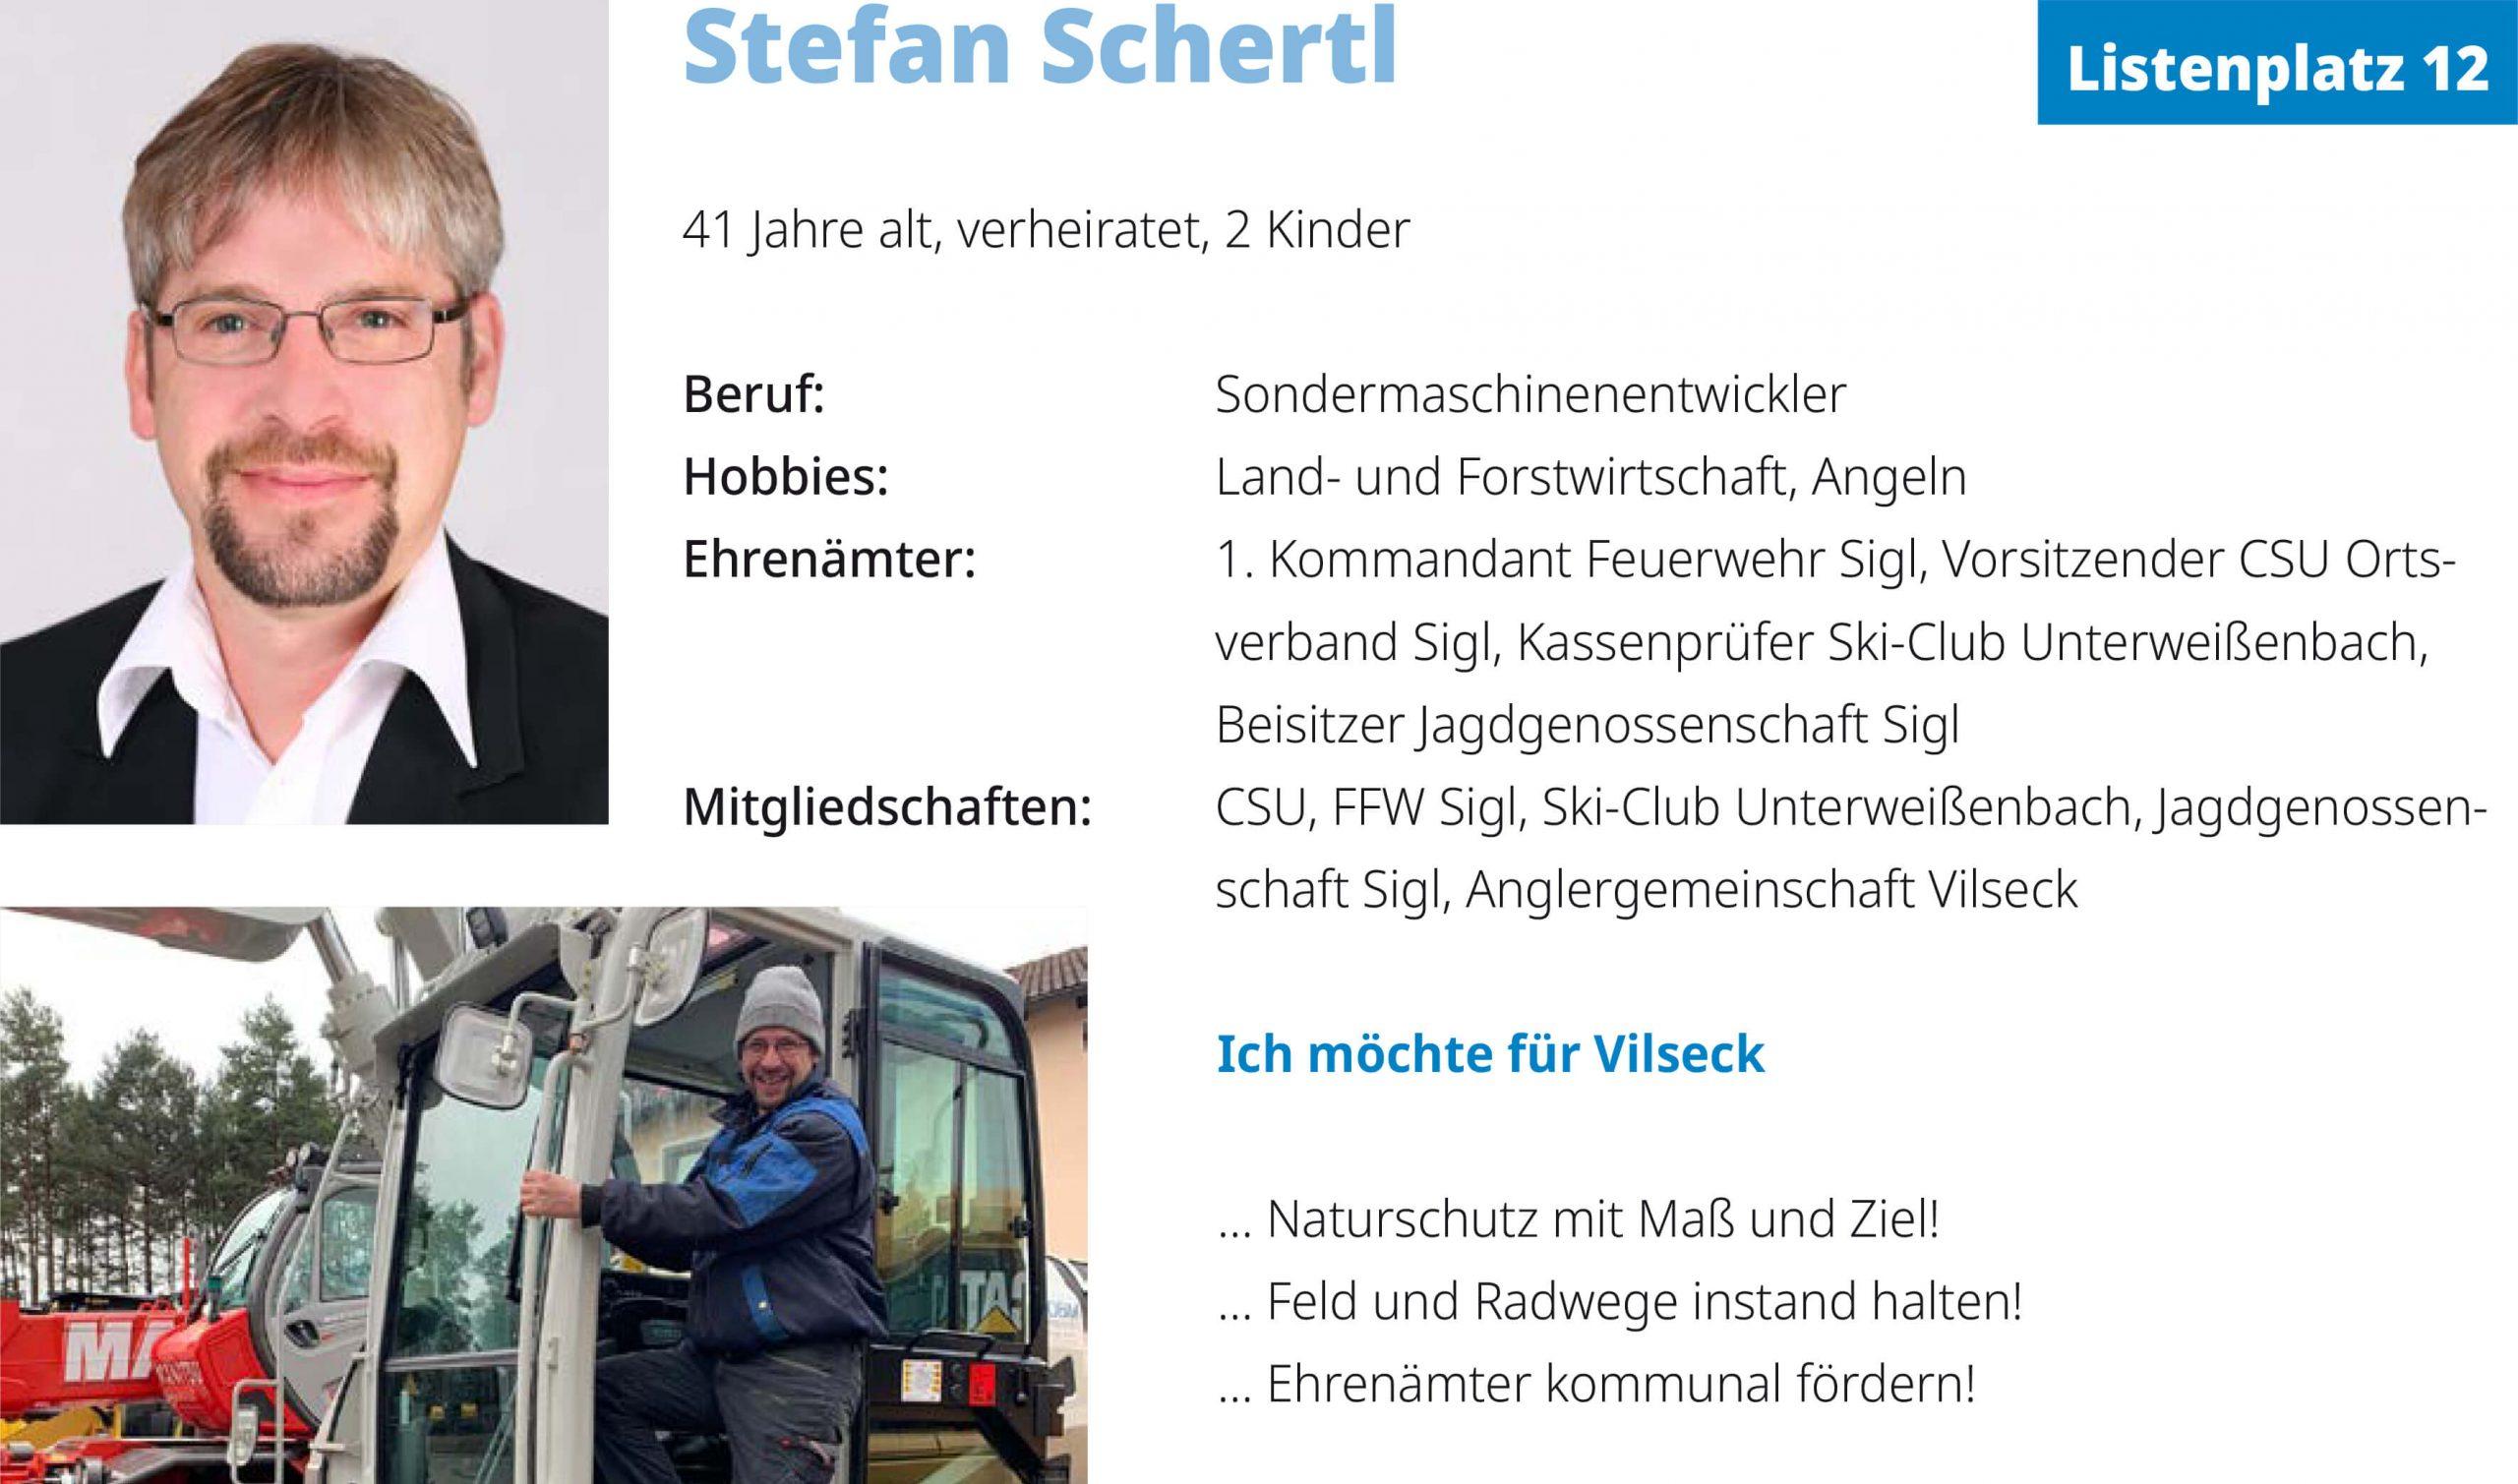 Stefan Schertl